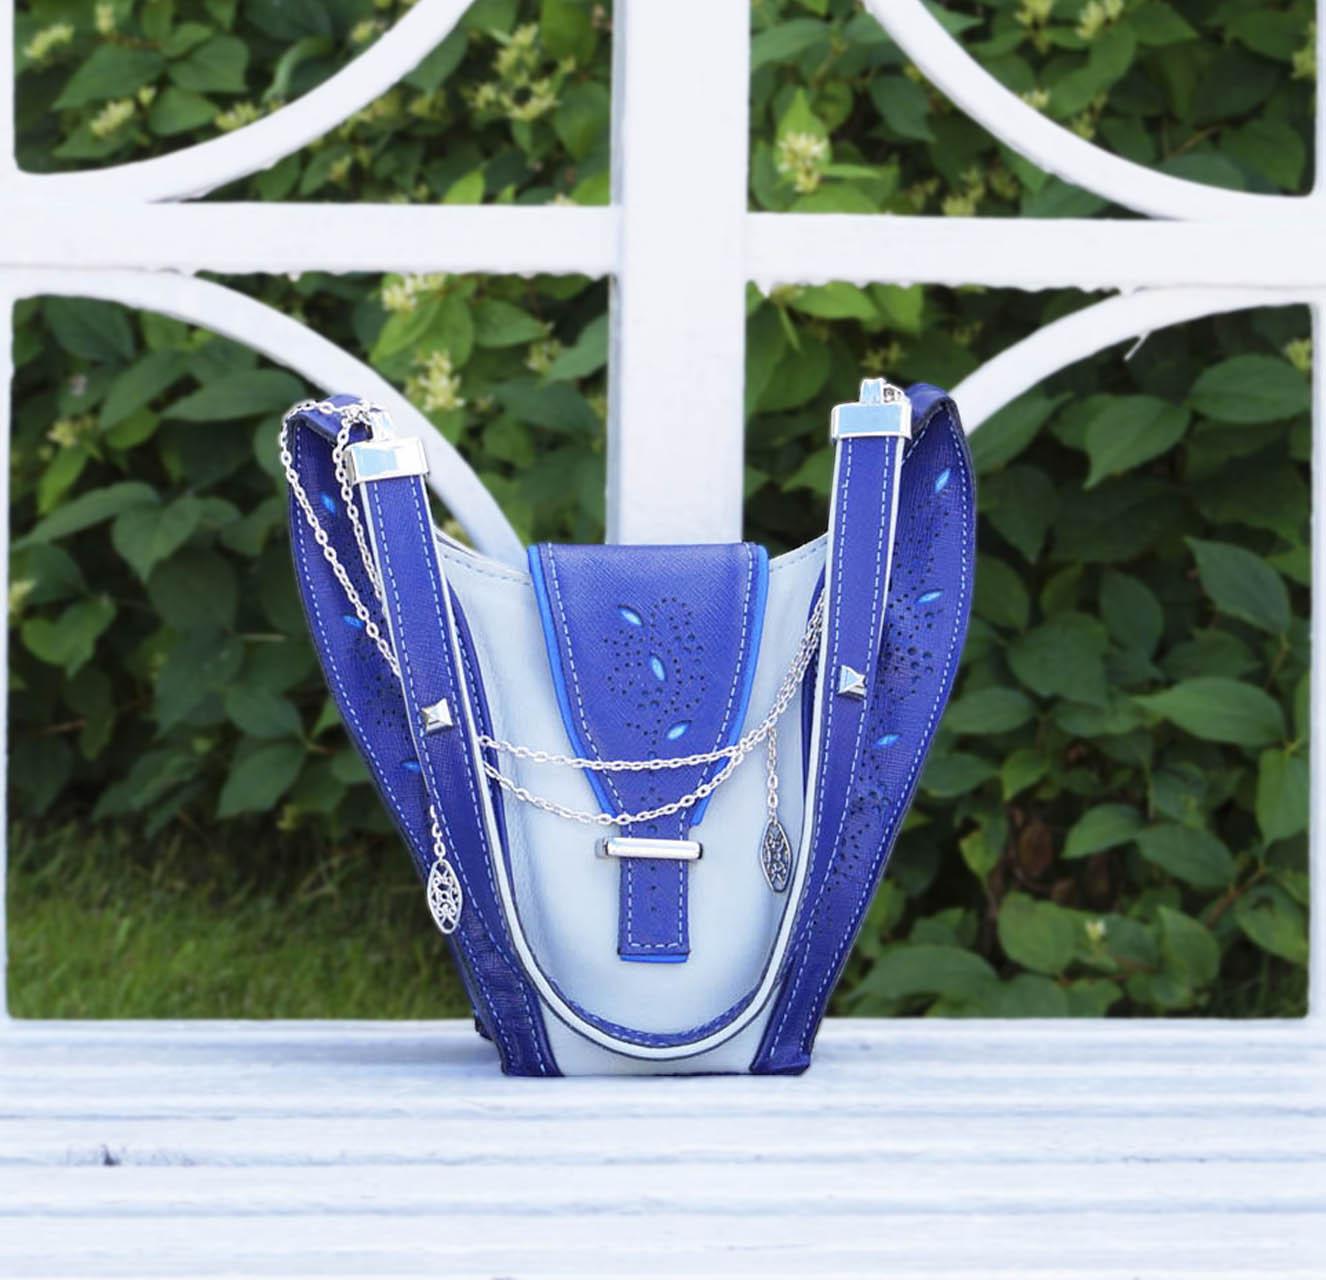 women's handbag order